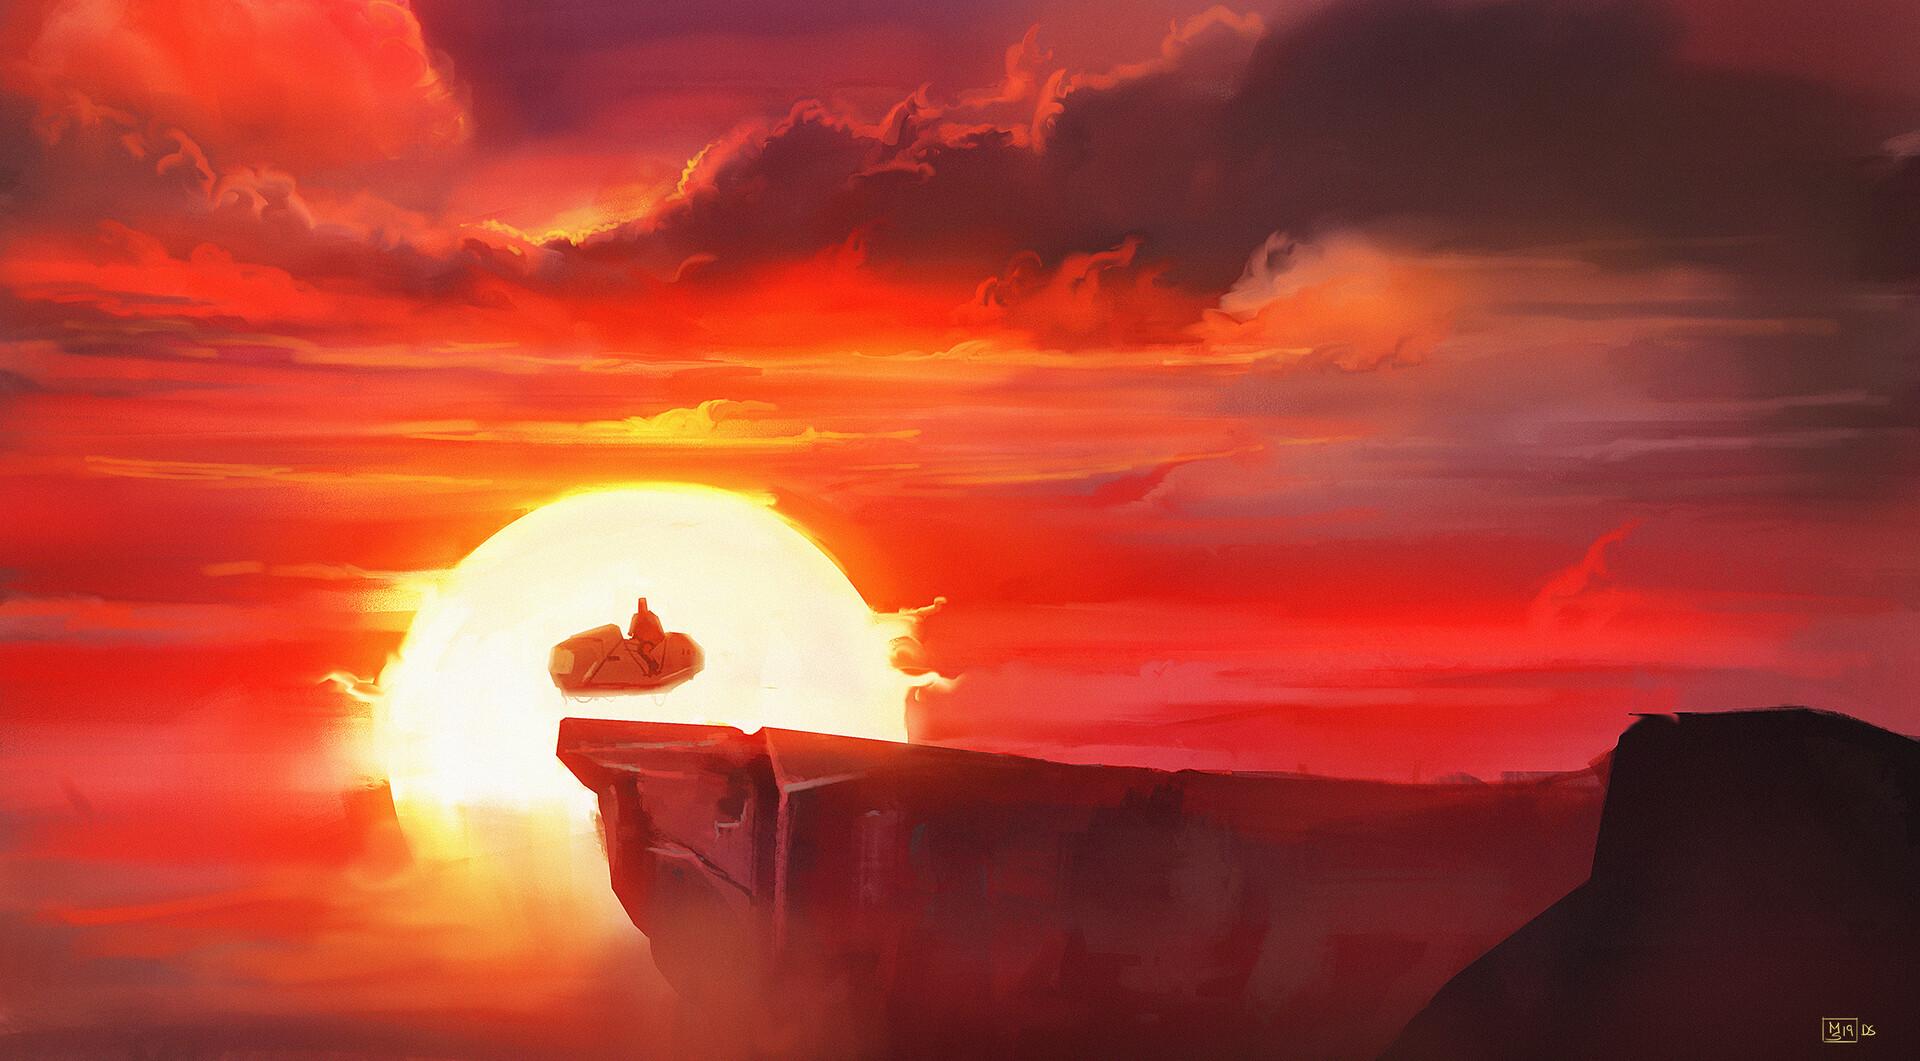 Max schiller 190203 dailyspitpaint sunset1